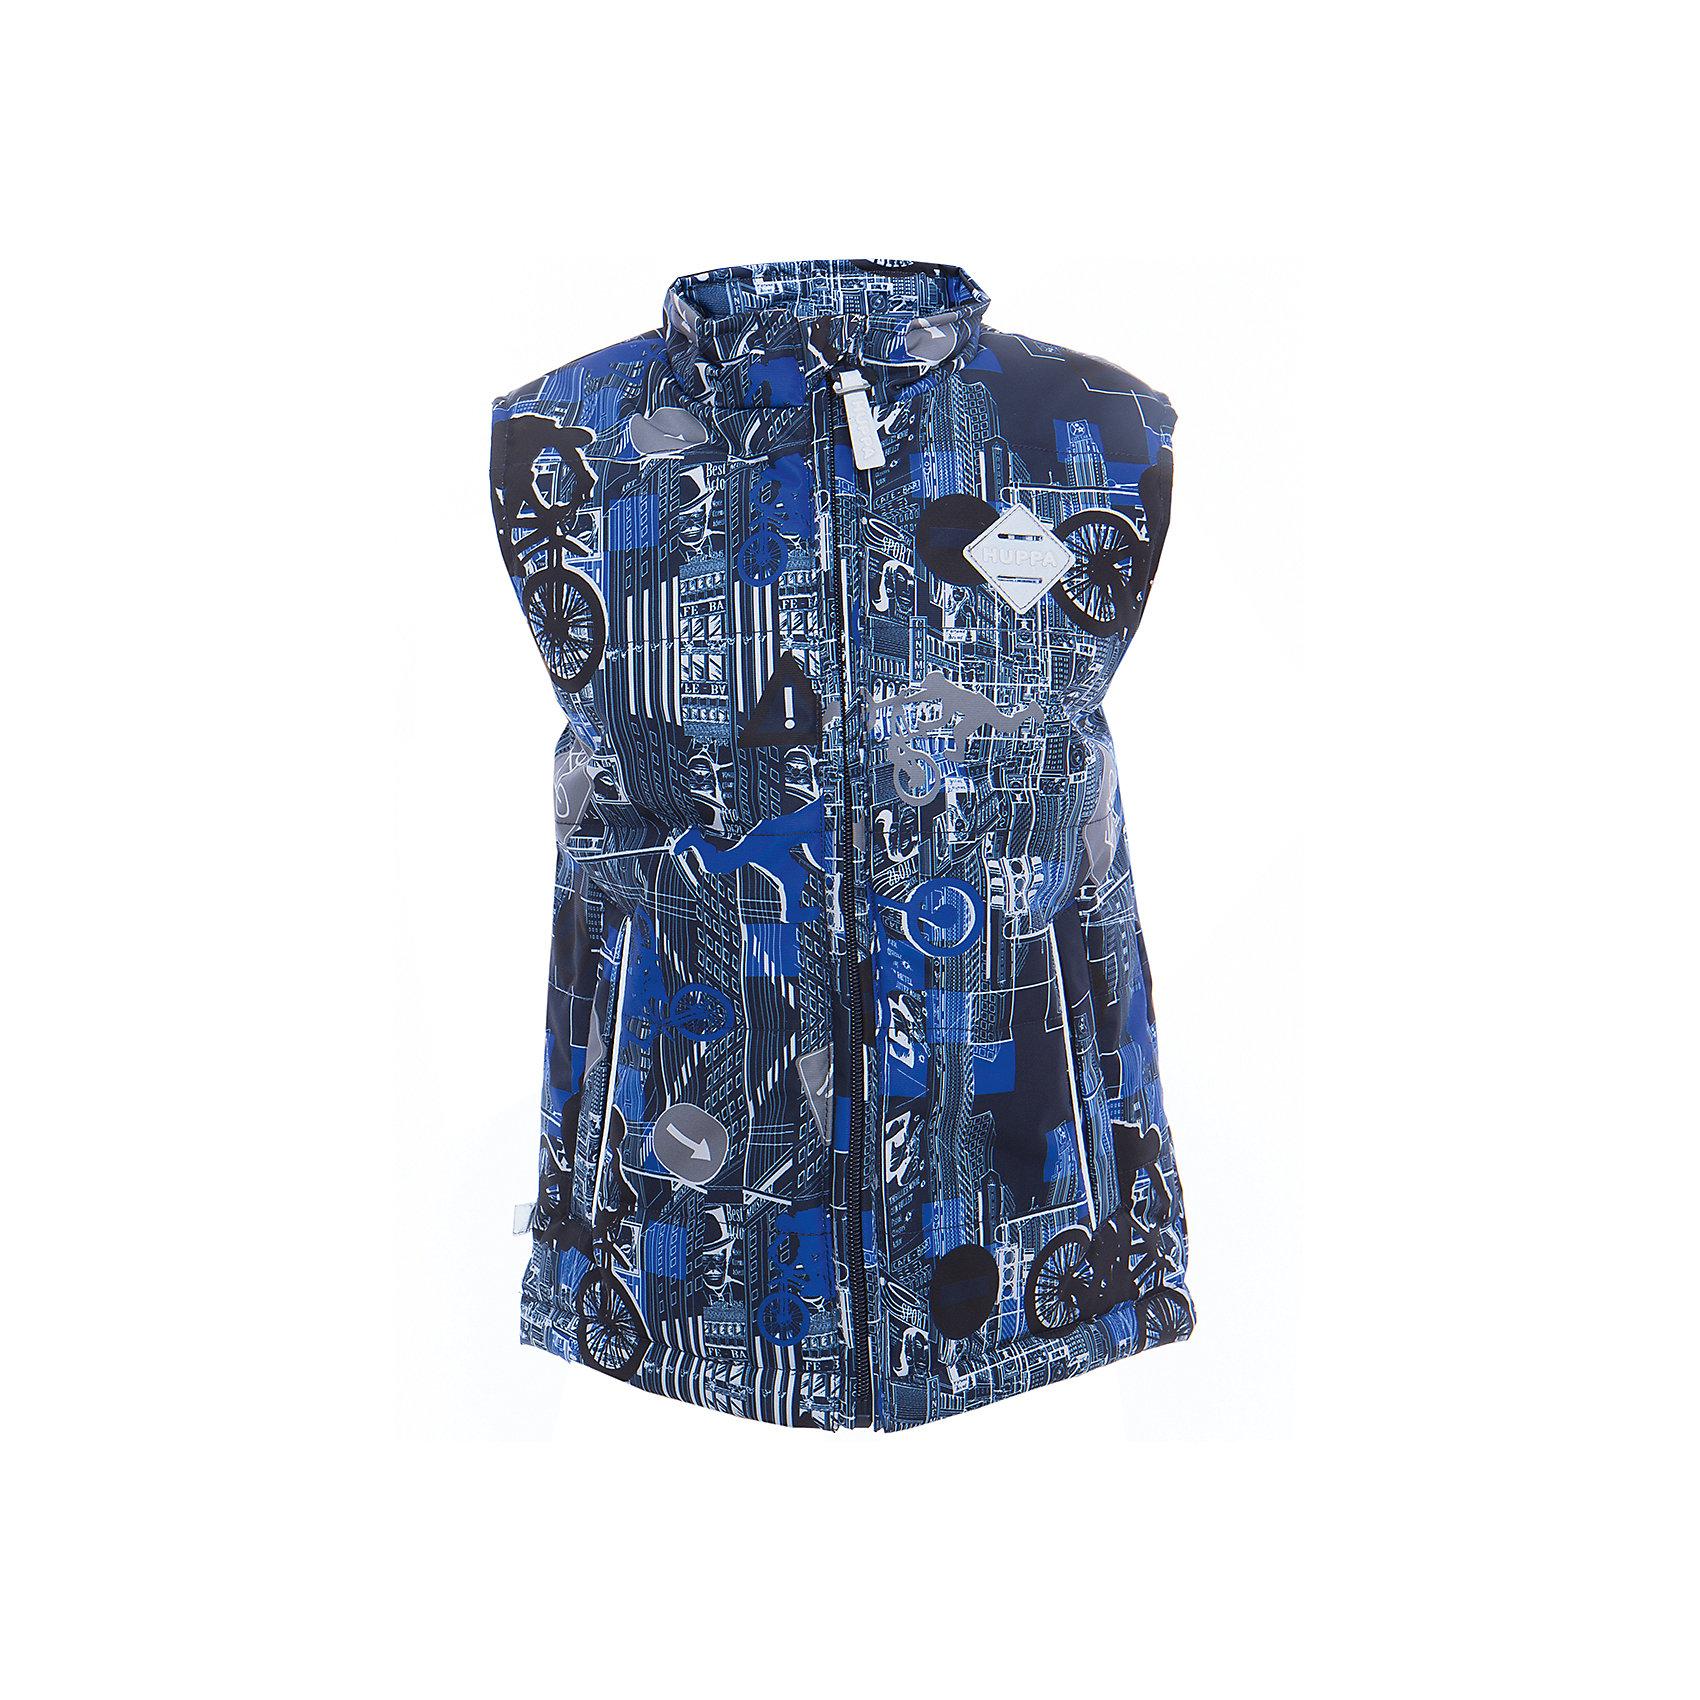 Жилет STEVE для мальчика HuppaВерхняя одежда<br>Характеристики товара:<br><br>• цвет: синий принт<br>• ткань: 100% полиэстер<br>• подкладка: тафта - 100% полиэстер<br>• утеплитель: 100% полиэстер 120 г<br>• температурный режим: от +5°до +15°С<br>• водонепроницаемость: 10000 мм<br>• воздухопроницаемость: 10000 мм <br>• воротник-стойка<br>• карманы на молнии<br>• логотип<br>• молния с защитой подбородка<br>• светоотражательные детали<br>• коллекция: весна-лето 2017<br>• страна бренда: Эстония<br><br>Такой модный жилет обеспечит детям тепло и комфорт. Он сделан из материала, отталкивающего воду, и дополнен подкладкой с утеплителем, поэтому изделие идеально подходит для межсезонья. Материал изделий - с мембранной технологией: защищая от влаги и ветра, он легко выводит лишнюю влагу наружу. Жилет очень симпатично смотрится. <br><br>Одежда и обувь от популярного эстонского бренда Huppa - отличный вариант одеть ребенка можно и комфортно. Вещи, выпускаемые компанией, качественные, продуманные и очень удобные. Для производства изделий используются только безопасные для детей материалы. Продукция от Huppa порадует и детей, и их родителей!<br><br>Жилет STEVE от бренда Huppa (Хуппа) можно купить в нашем интернет-магазине.<br><br>Ширина мм: 356<br>Глубина мм: 10<br>Высота мм: 245<br>Вес г: 519<br>Цвет: синий<br>Возраст от месяцев: 168<br>Возраст до месяцев: 180<br>Пол: Мужской<br>Возраст: Детский<br>Размер: 170,110,104,116,122,128,134,140,146,152,158,164<br>SKU: 5346367